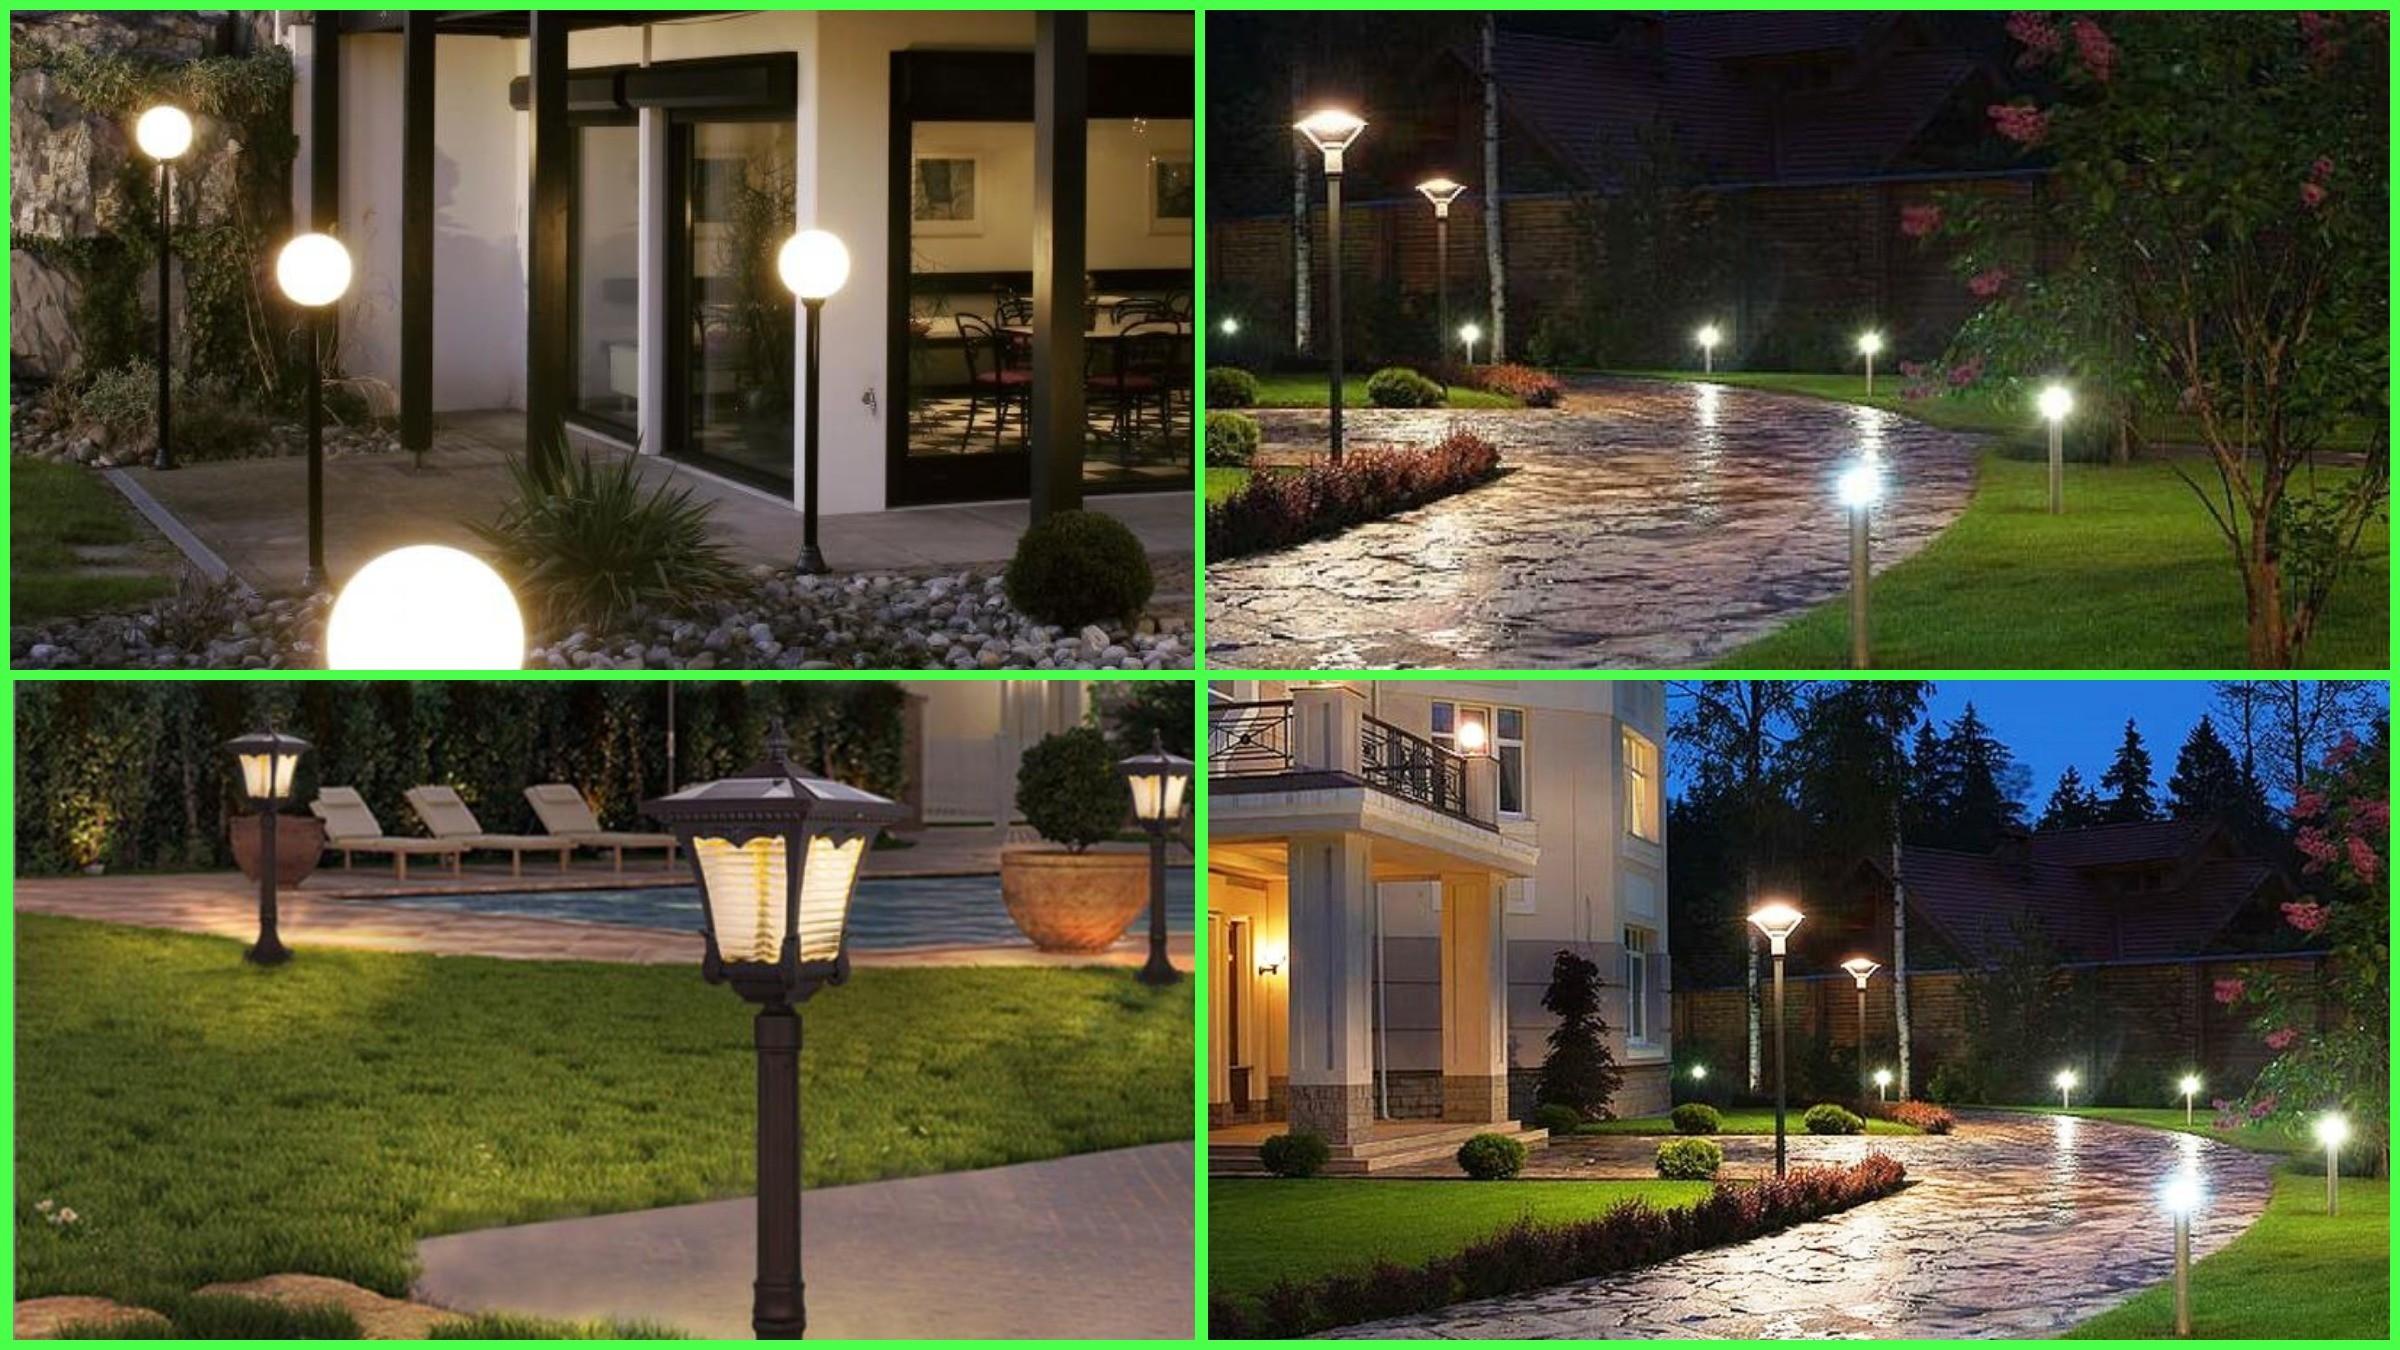 изображение торшерных уличных светильников